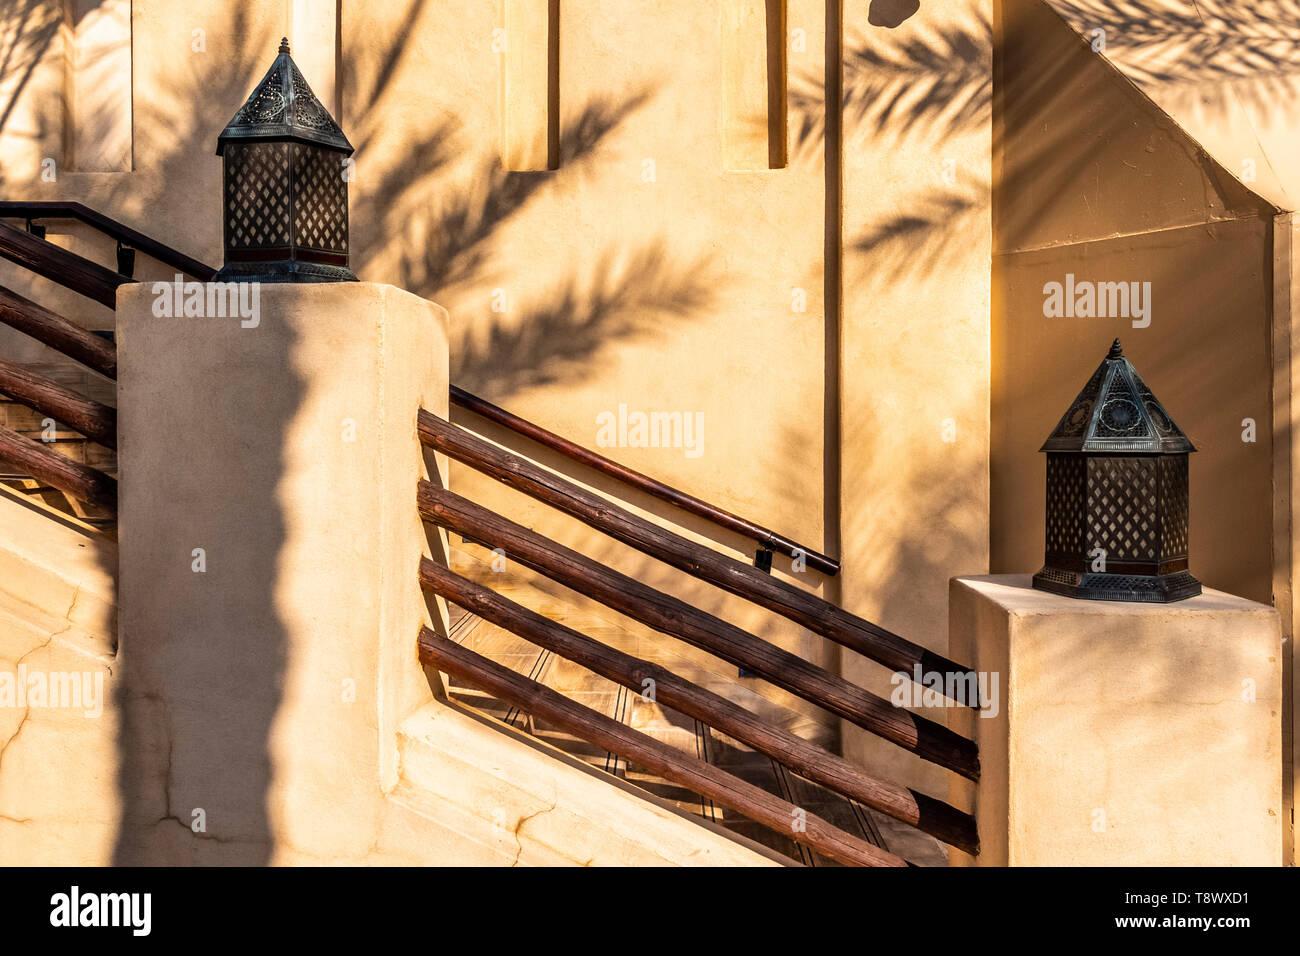 Architettura degli edifici in stile arabo. Immagini Stock